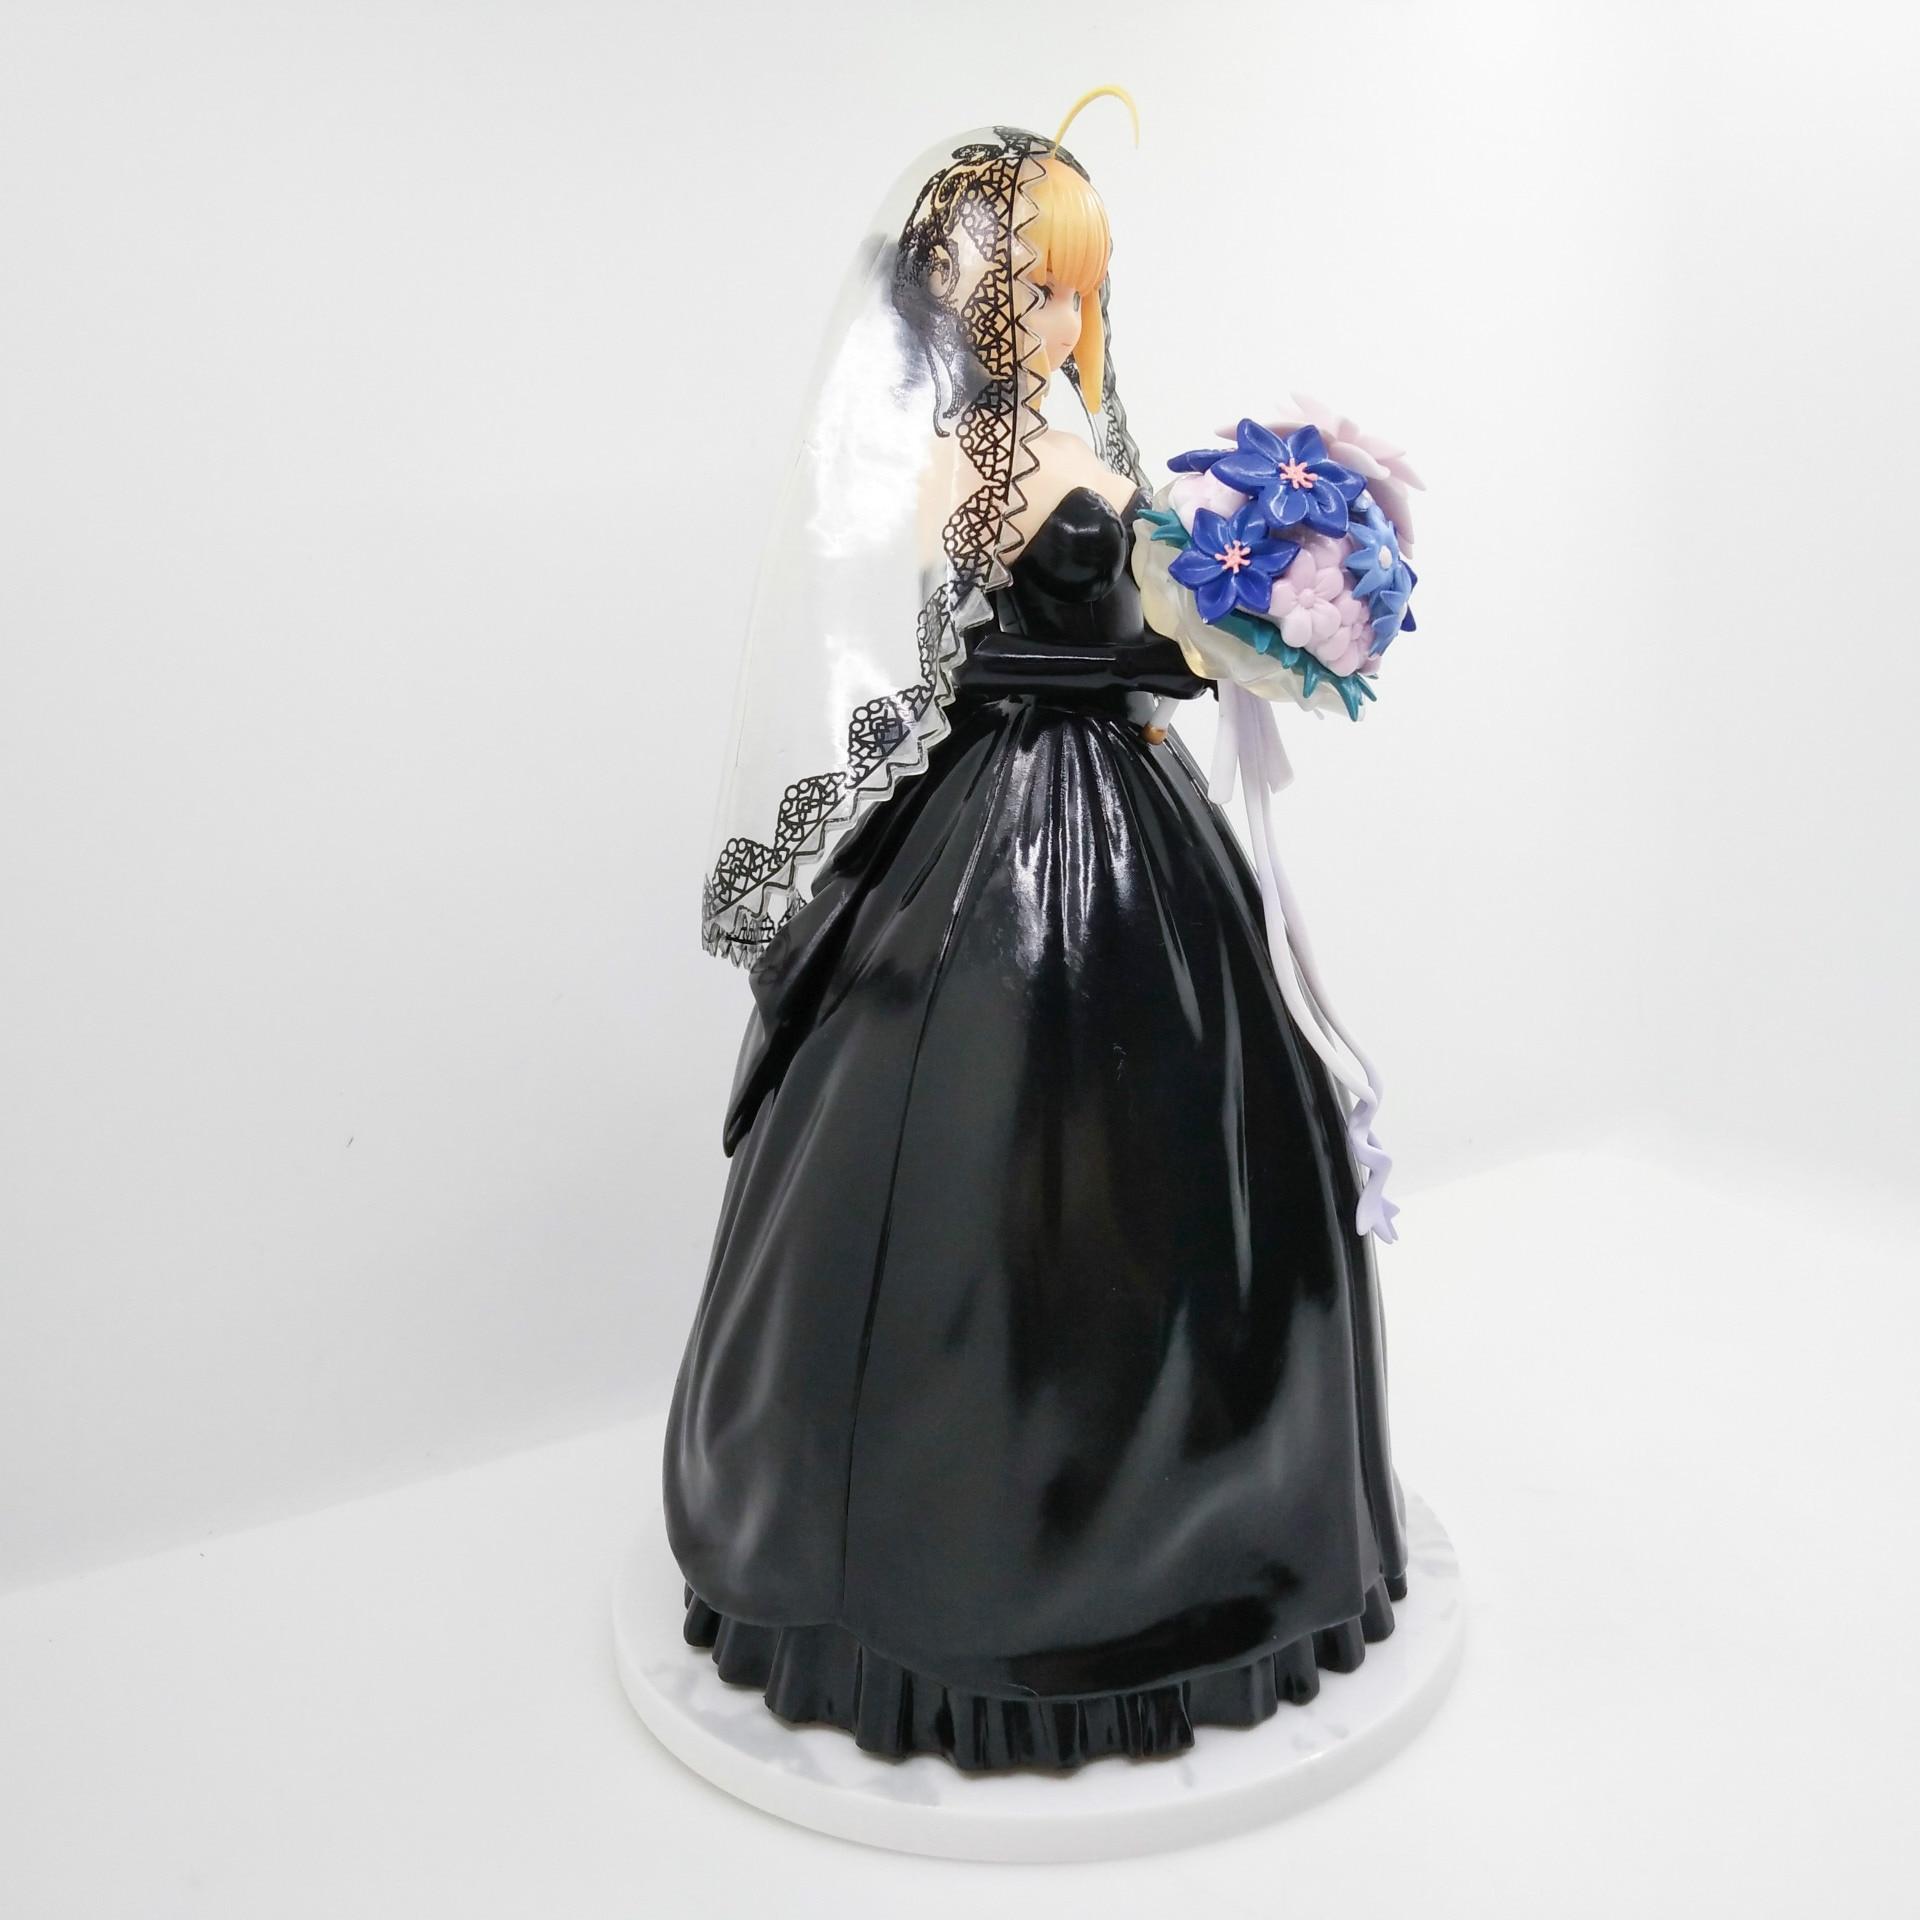 Destin/séjour sabre de nuit robe de mariée noire figurine d'action 10th anniversaire robe royale PVC 25 cm modèle collection nouvelle poupée CHN Ver. - 2